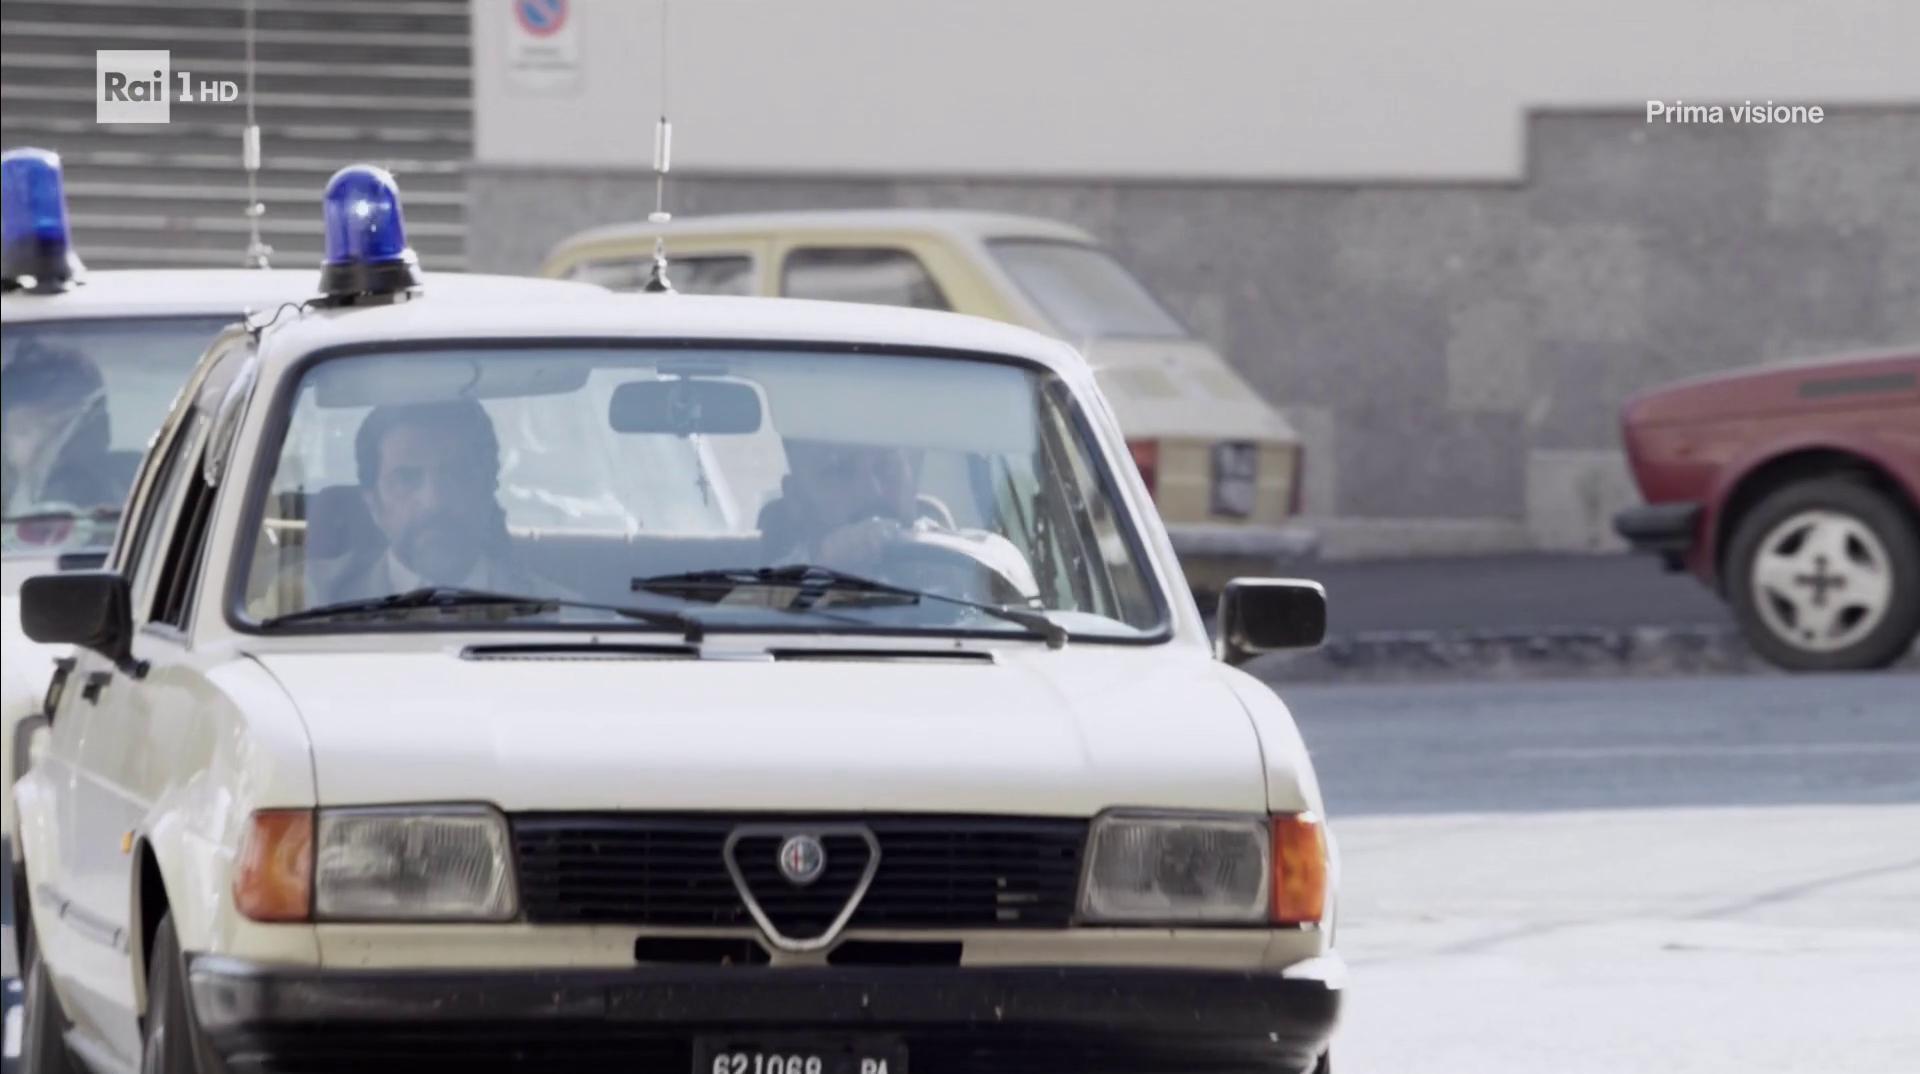 Rocco Chinnici: e Cosi Lieve Il Tuo Bacio Sulla Fronte - Miniserie (2018) HDTV 1080P ITA AC3 x264 mkv Vlcsnap-2018-01-24-18hgsnb